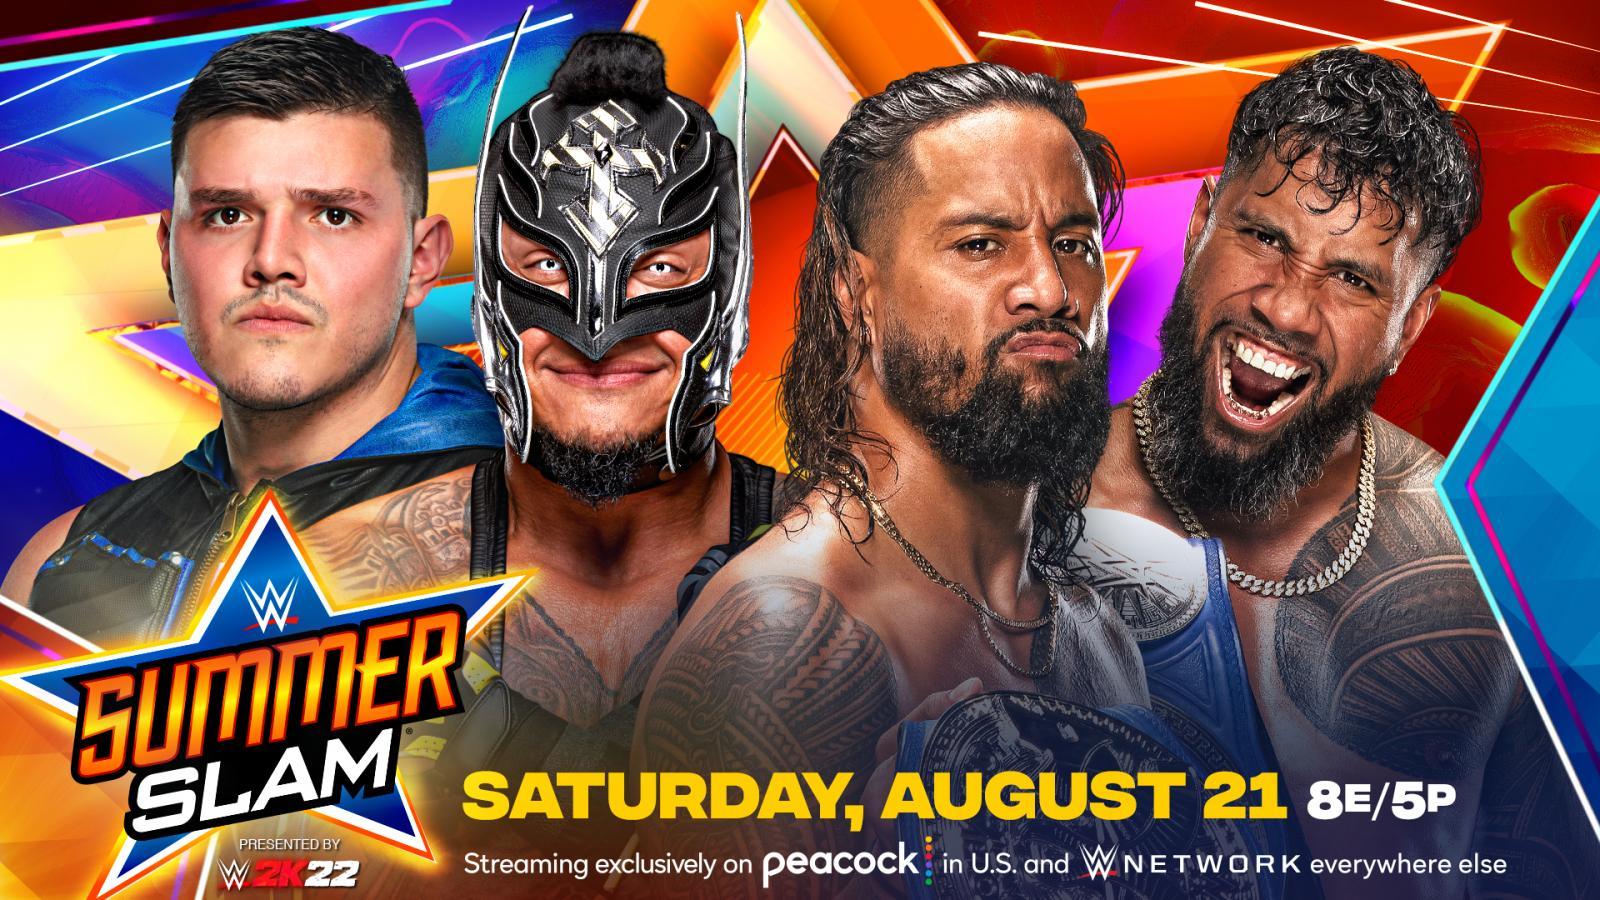 Combate por título é anunciado para o WWE SummerSlam